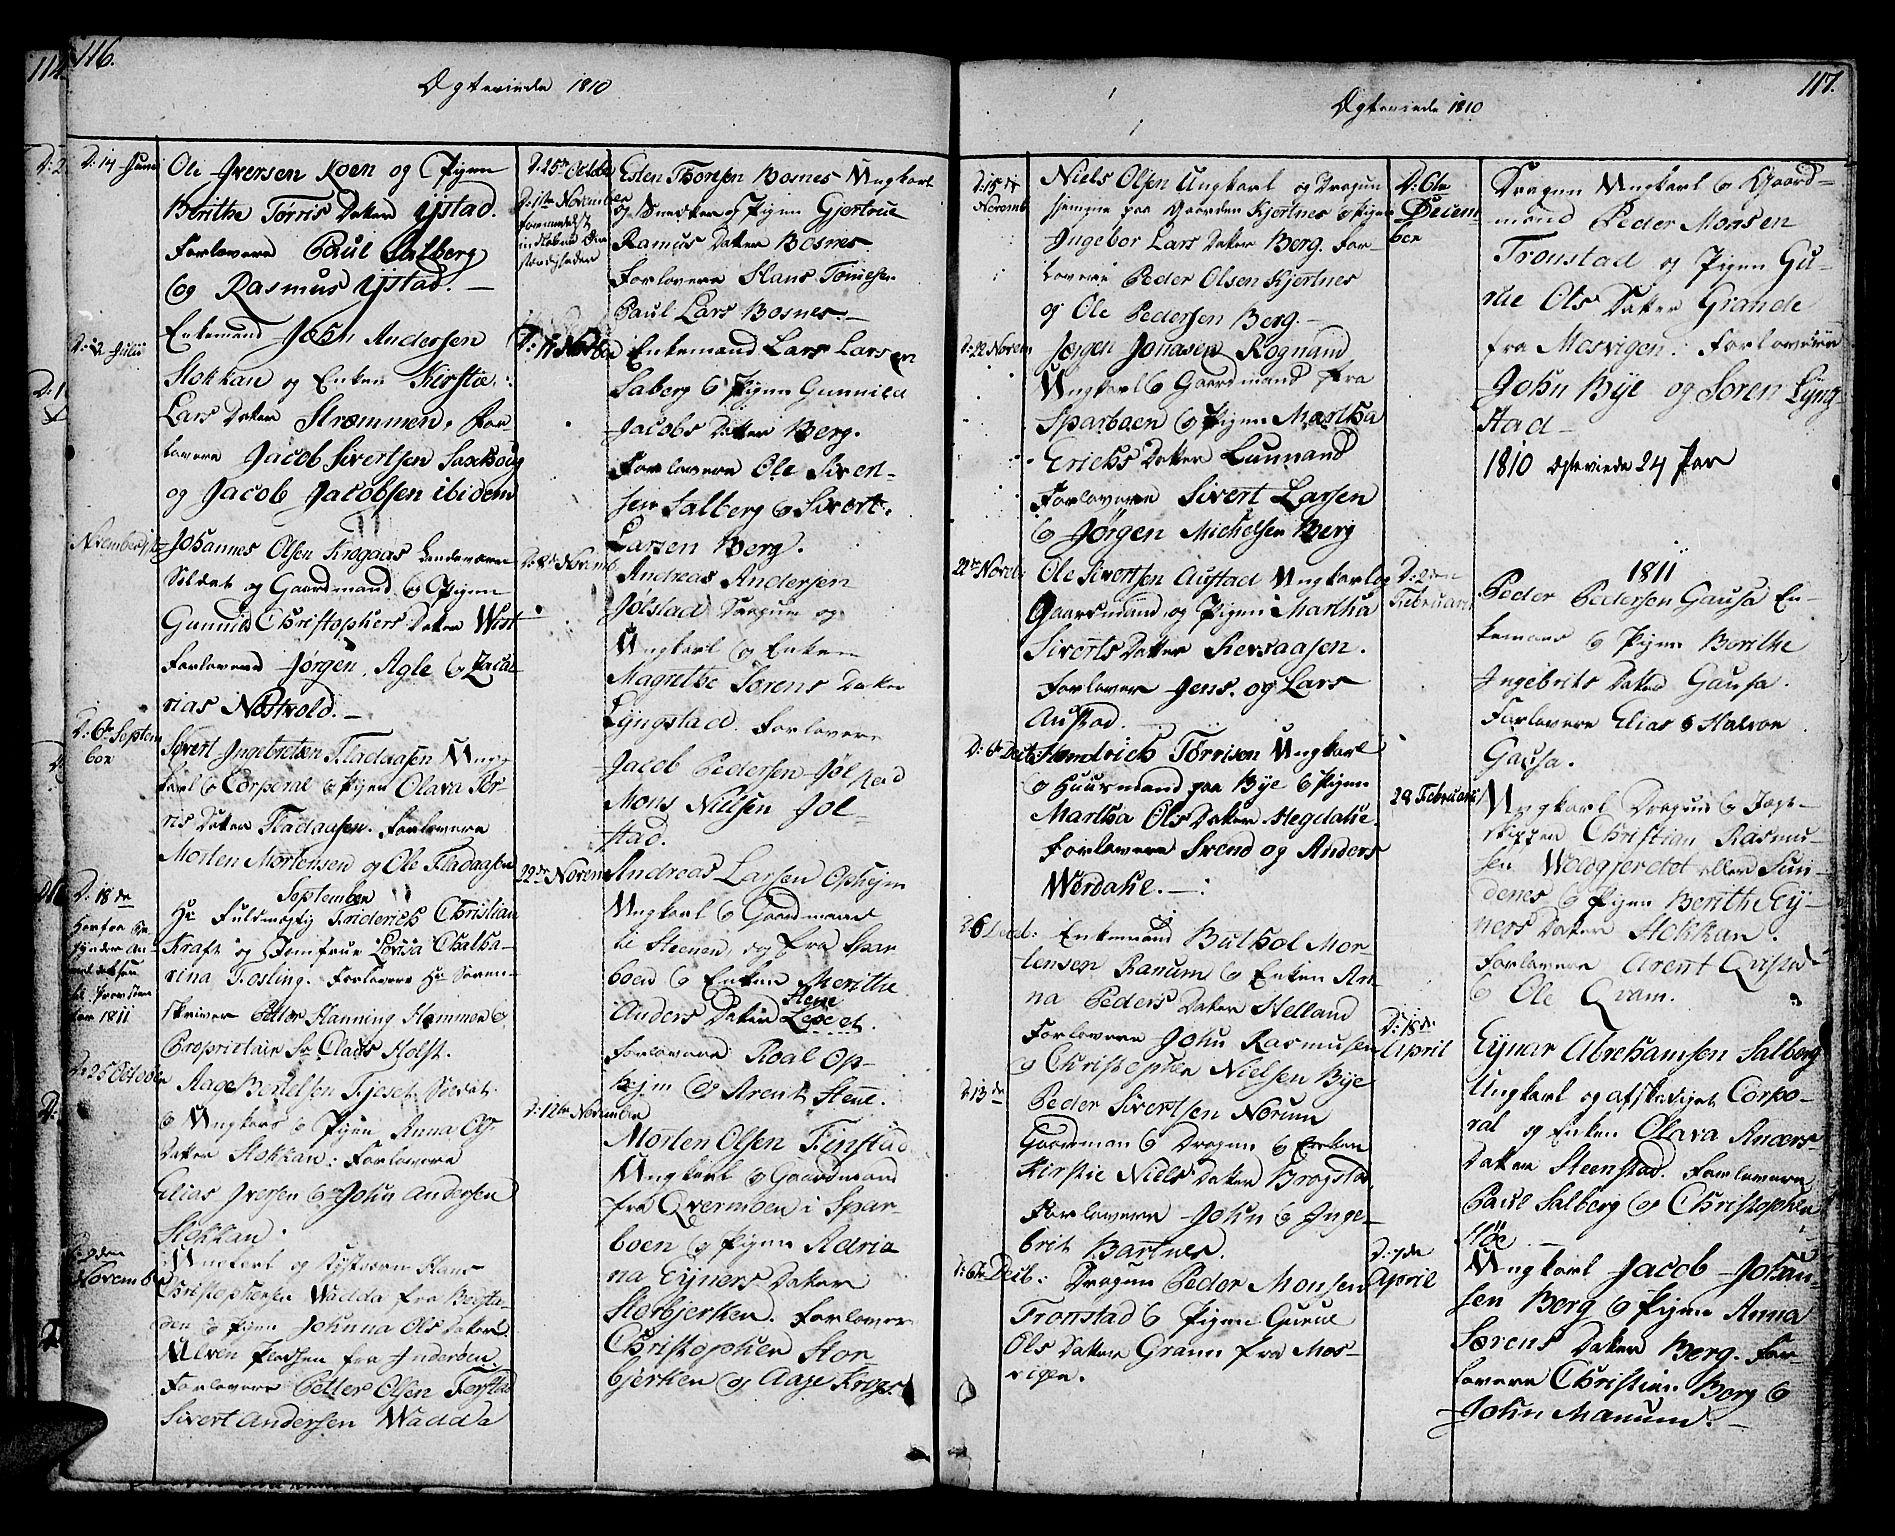 SAT, Ministerialprotokoller, klokkerbøker og fødselsregistre - Nord-Trøndelag, 730/L0274: Ministerialbok nr. 730A03, 1802-1816, s. 116-117